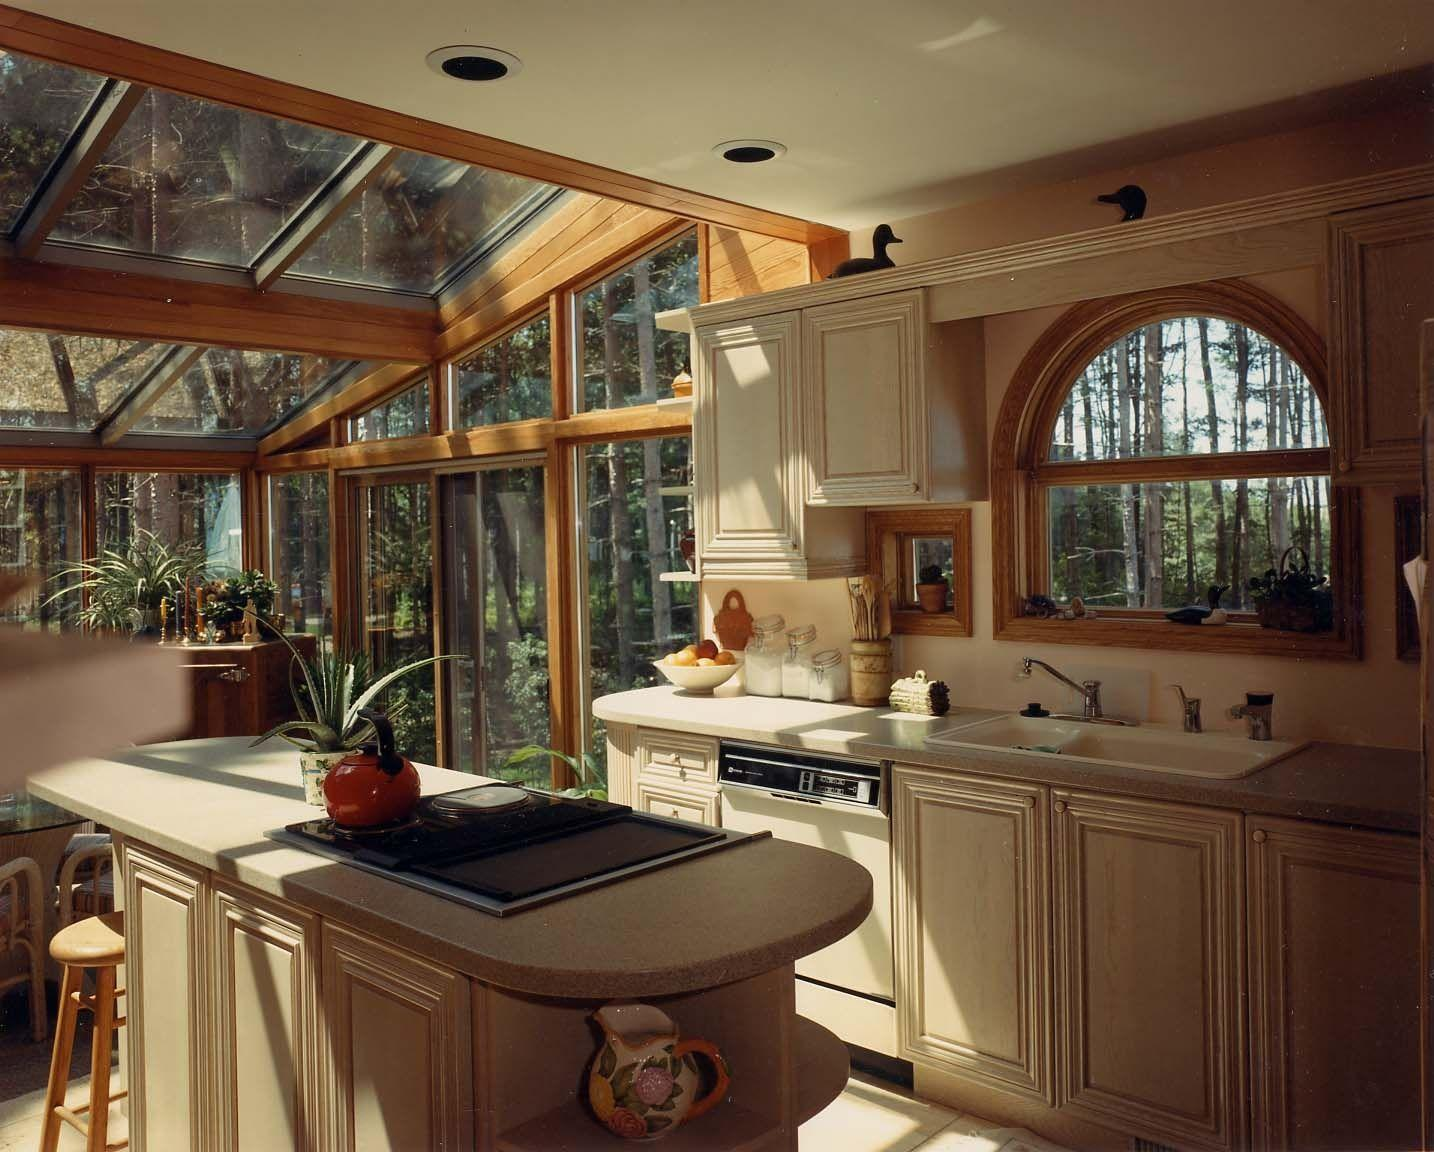 такой картинки кухни с большим окном подборке